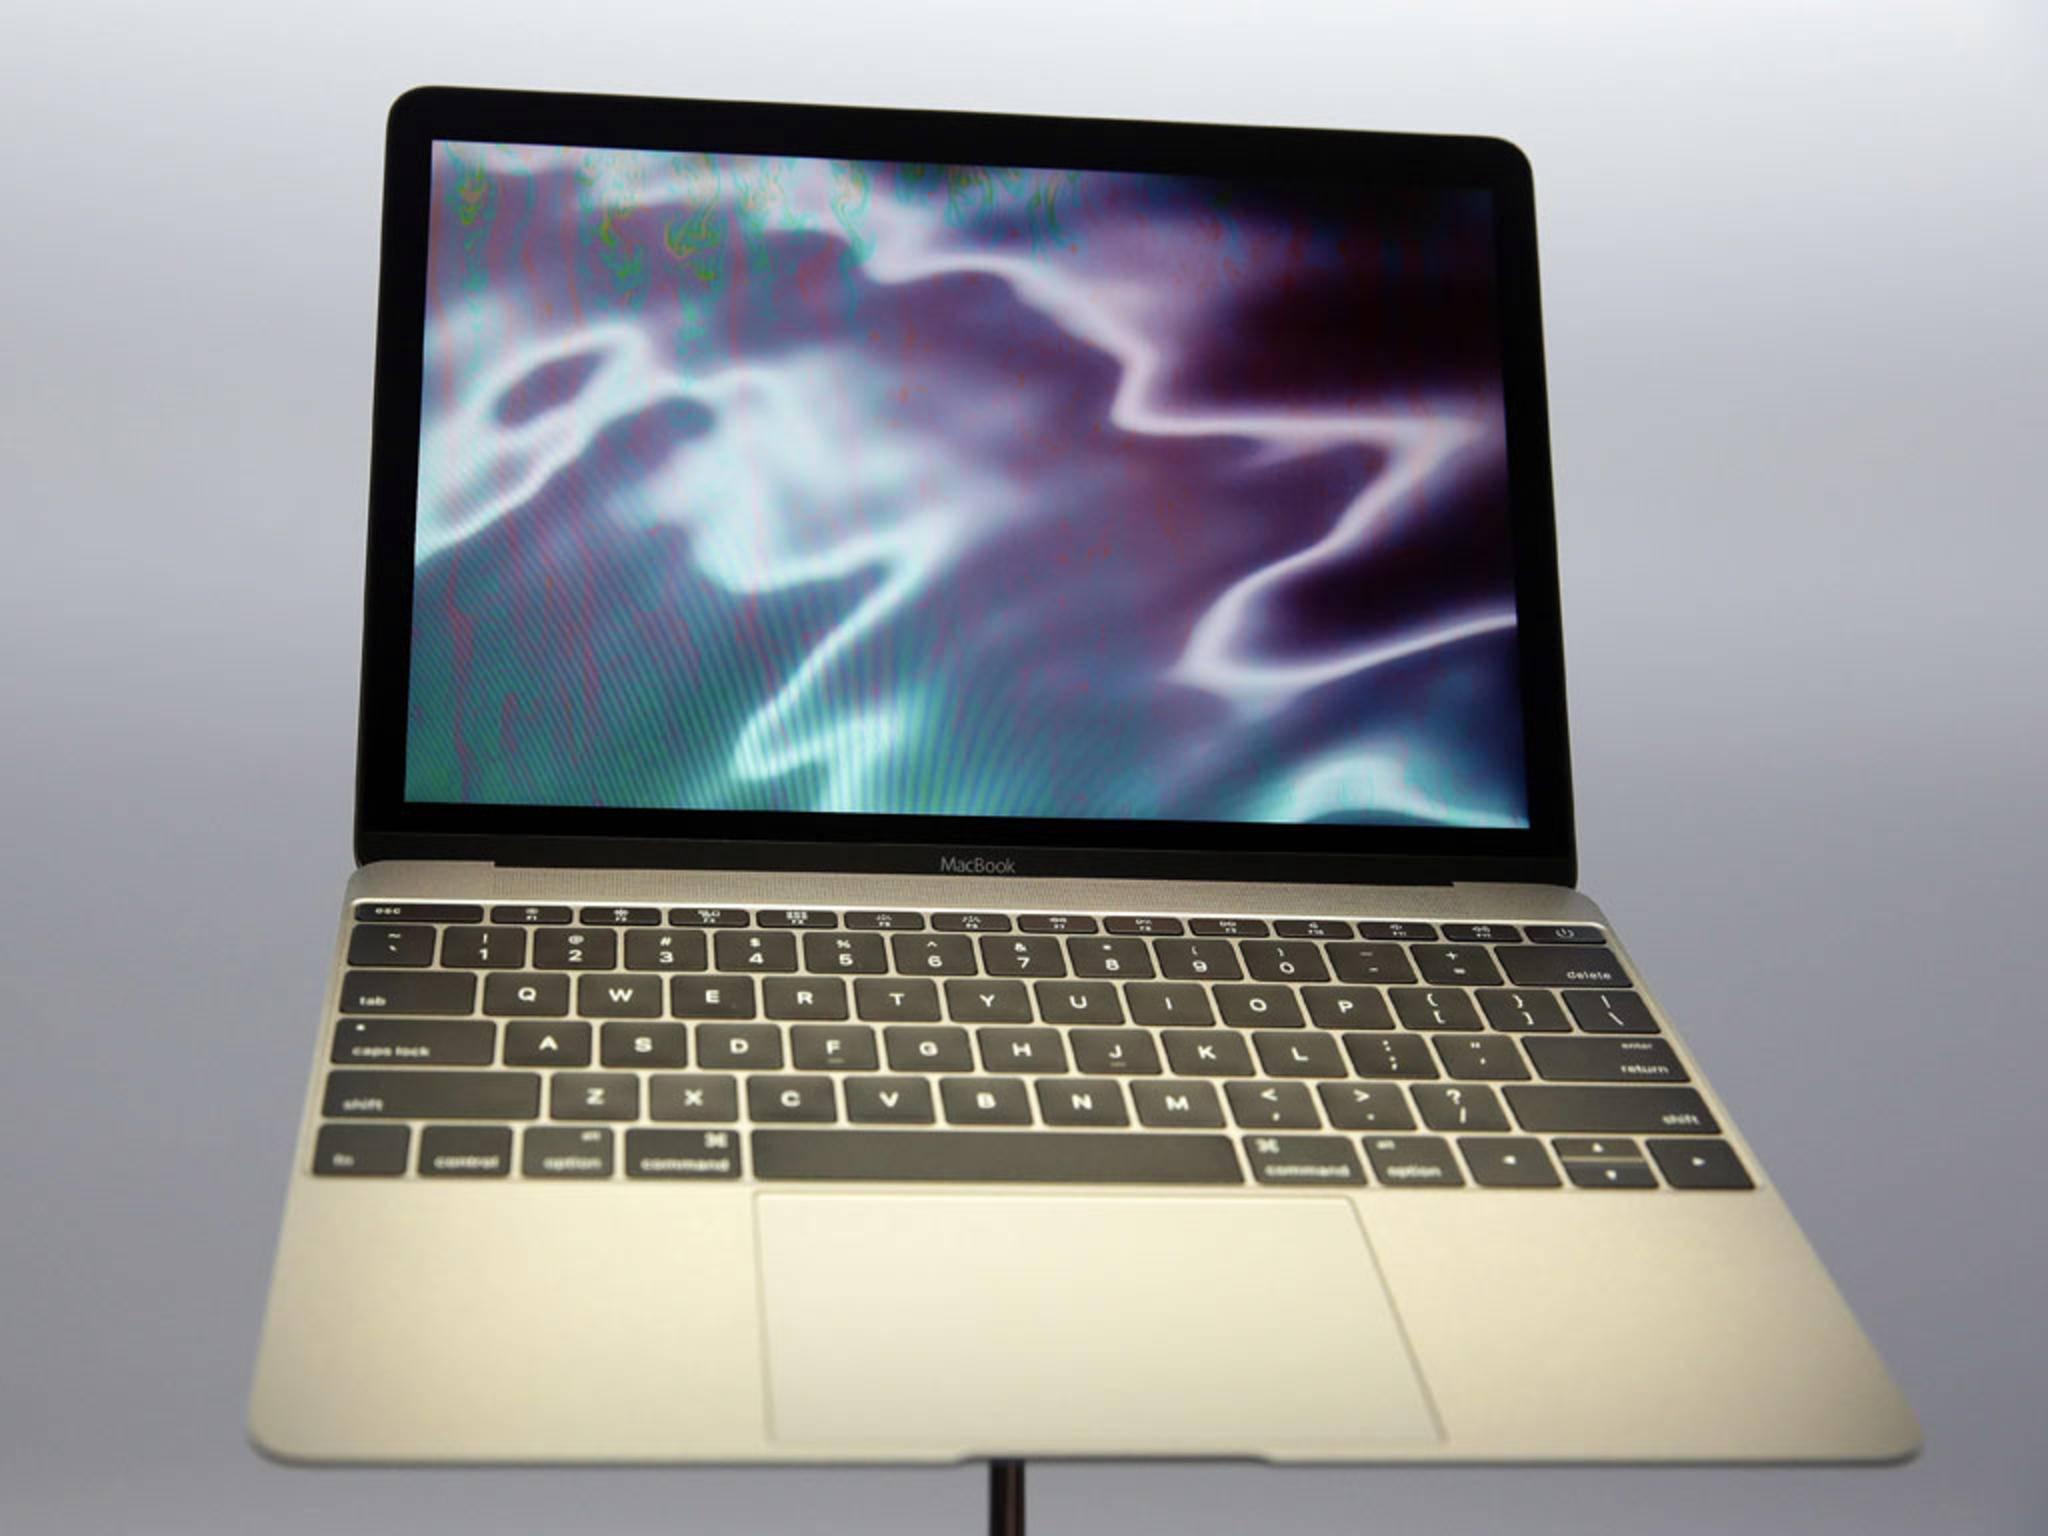 Das MacBook 2015: Superflach, superleicht, aber die ersten Tests zeigen neben Licht auch Schatten.